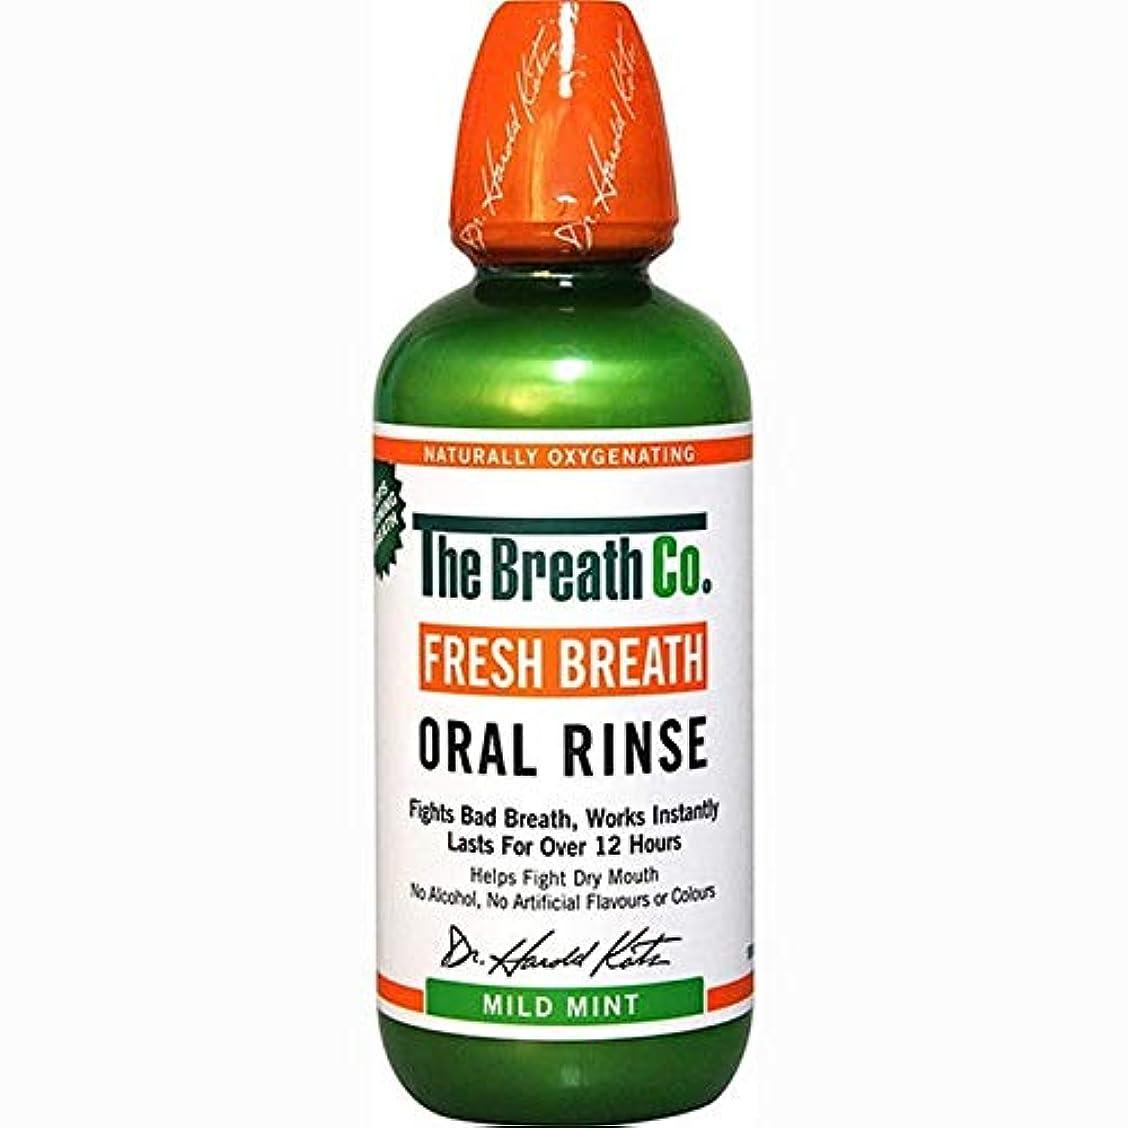 南アメリカ多様体スクレーパー[The Breath Co] 息のCo新鮮な息口腔リンスマイルドミント500ミリリットル - The Breath Co Fresh Breath Oral Rinse Mild Mint 500ml [並行輸入品]